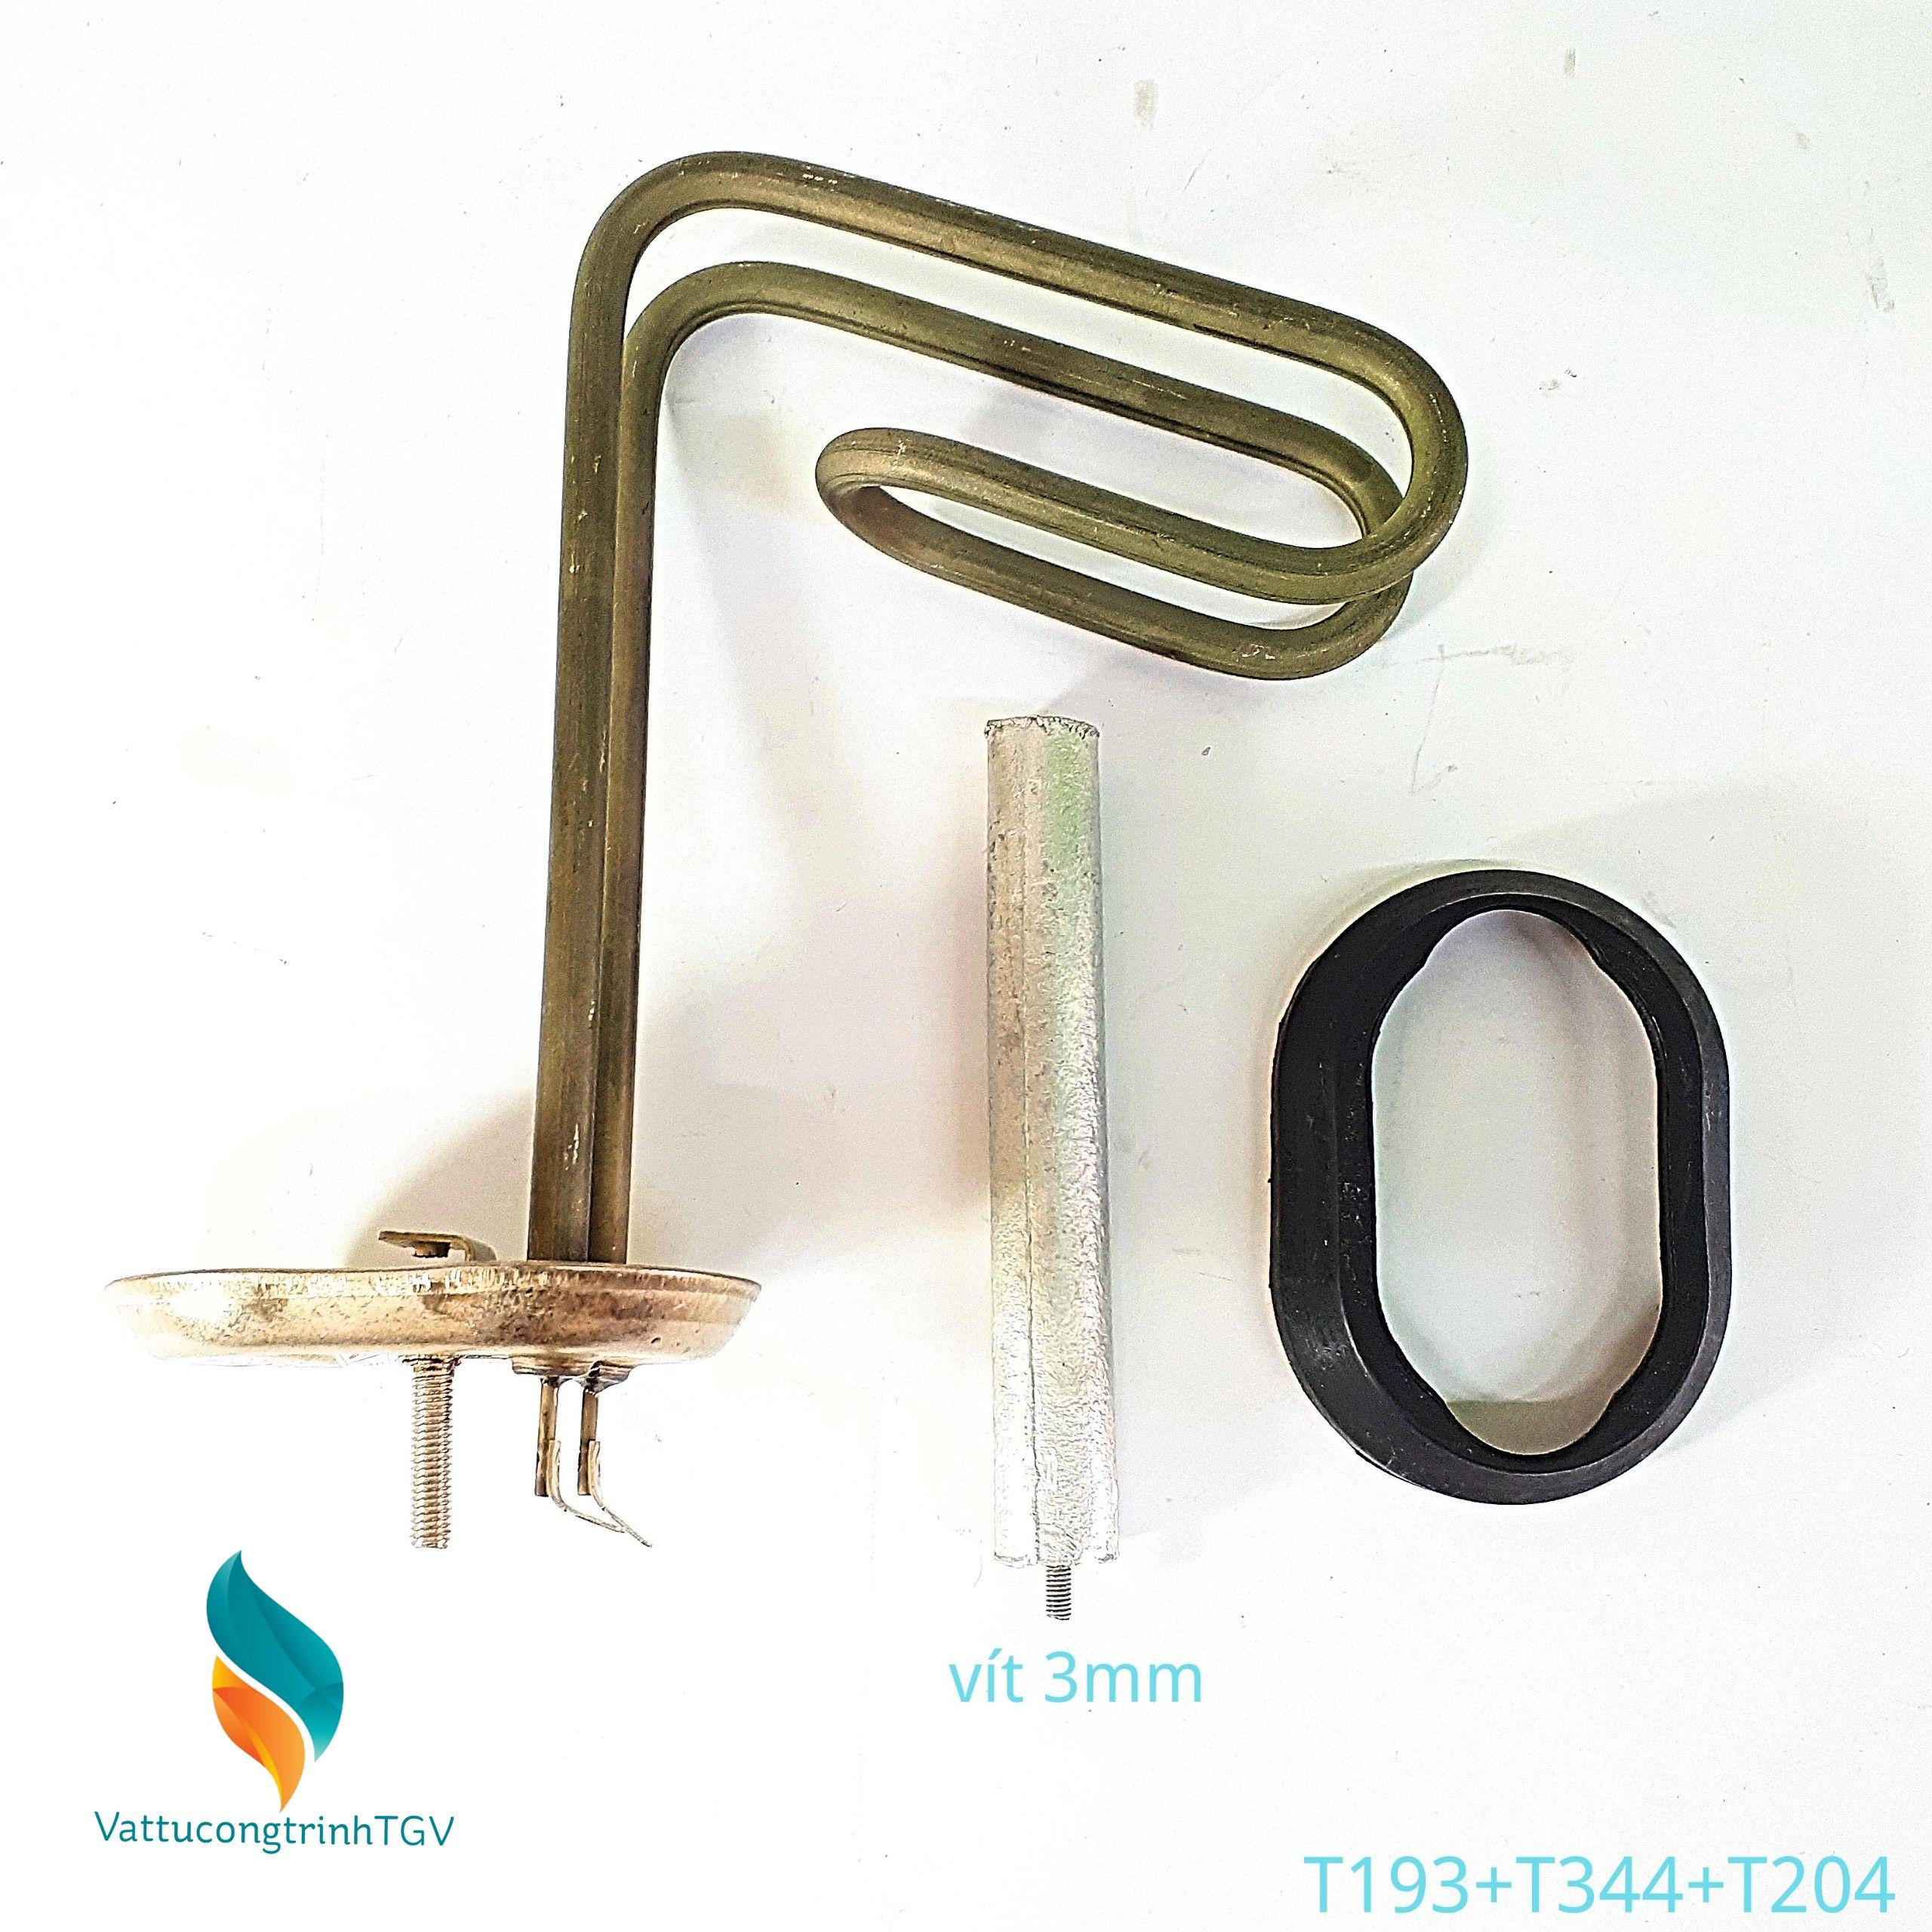 Bộ sợi đốt bát 6,5*20+13cm + Zoăng + Thanh magie 3mm cho Bình nóng lạnh ARISTON 15L (193+344+204)